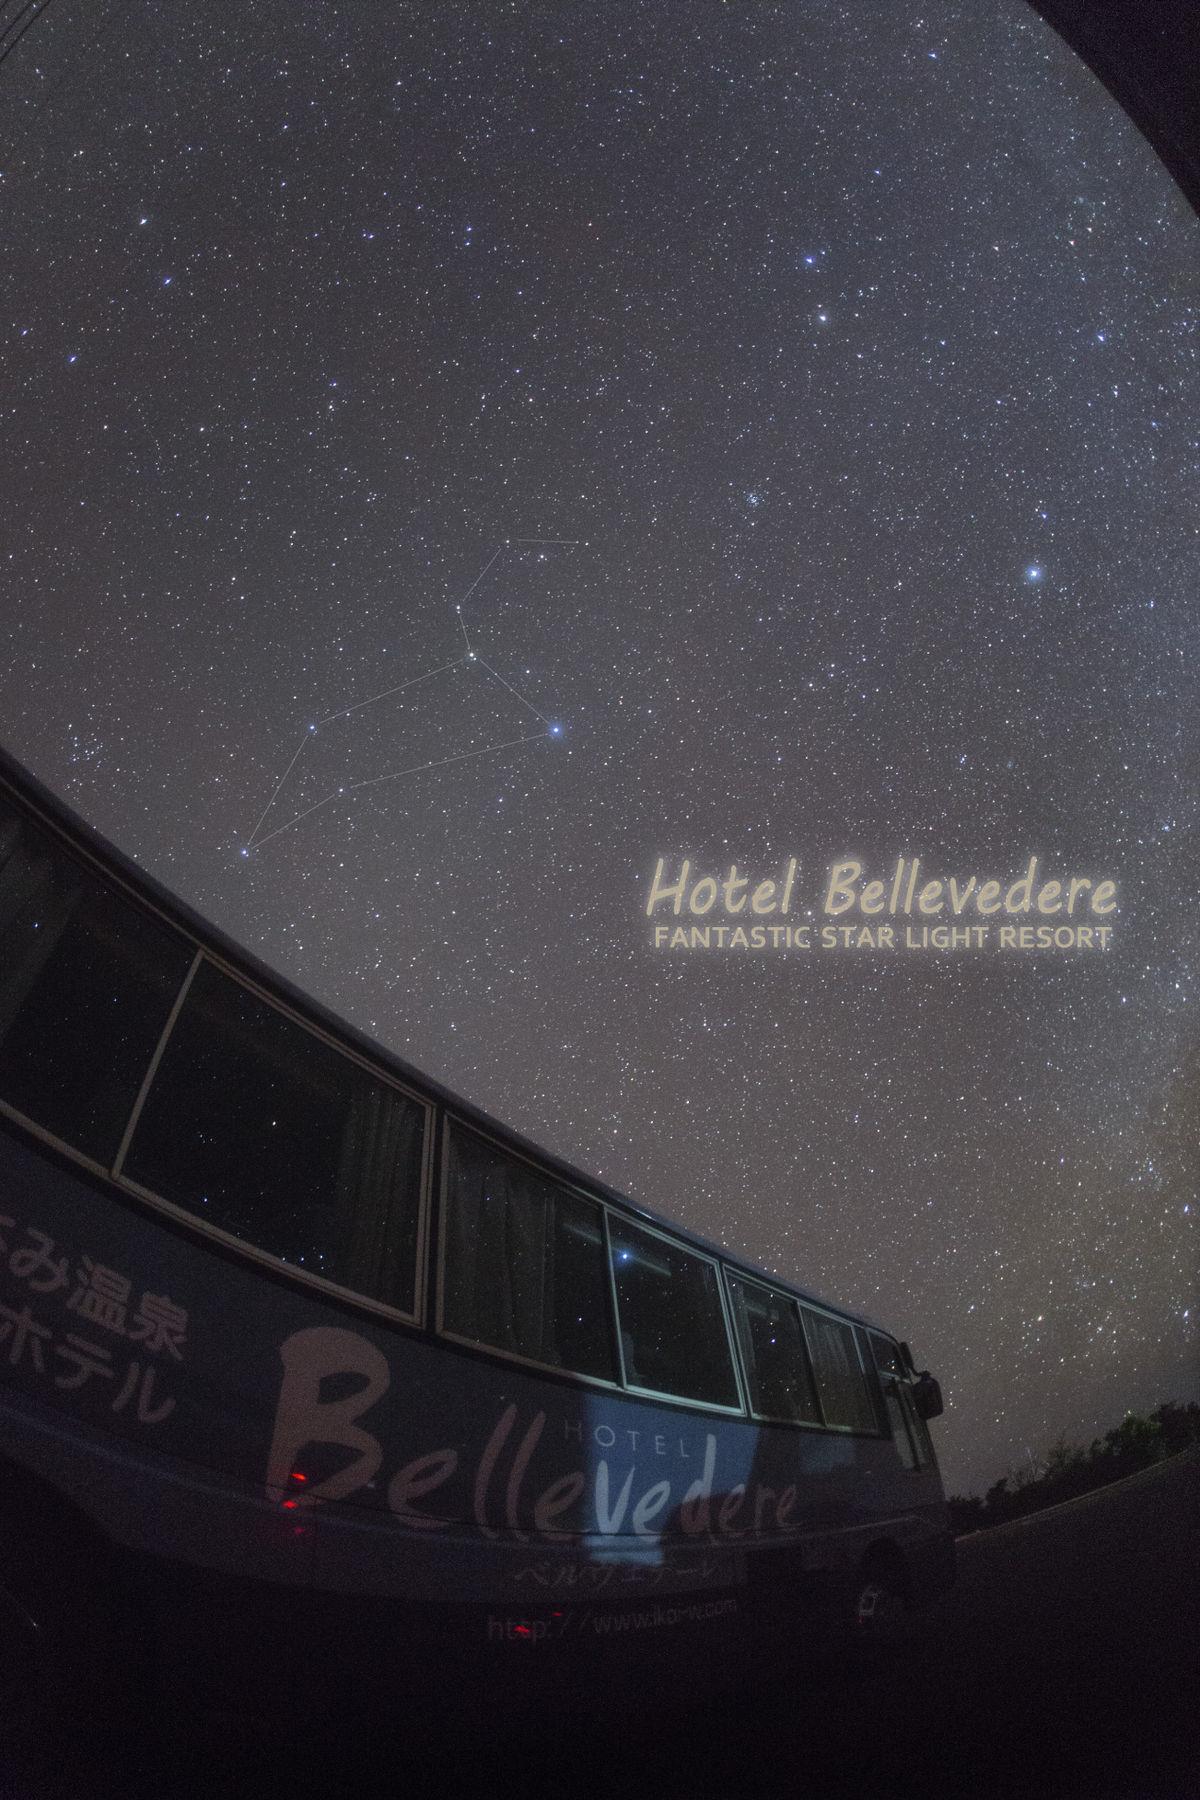 【星景】冬~春の夜空 in 南紀すさみ ホテル ベルヴェデーレ